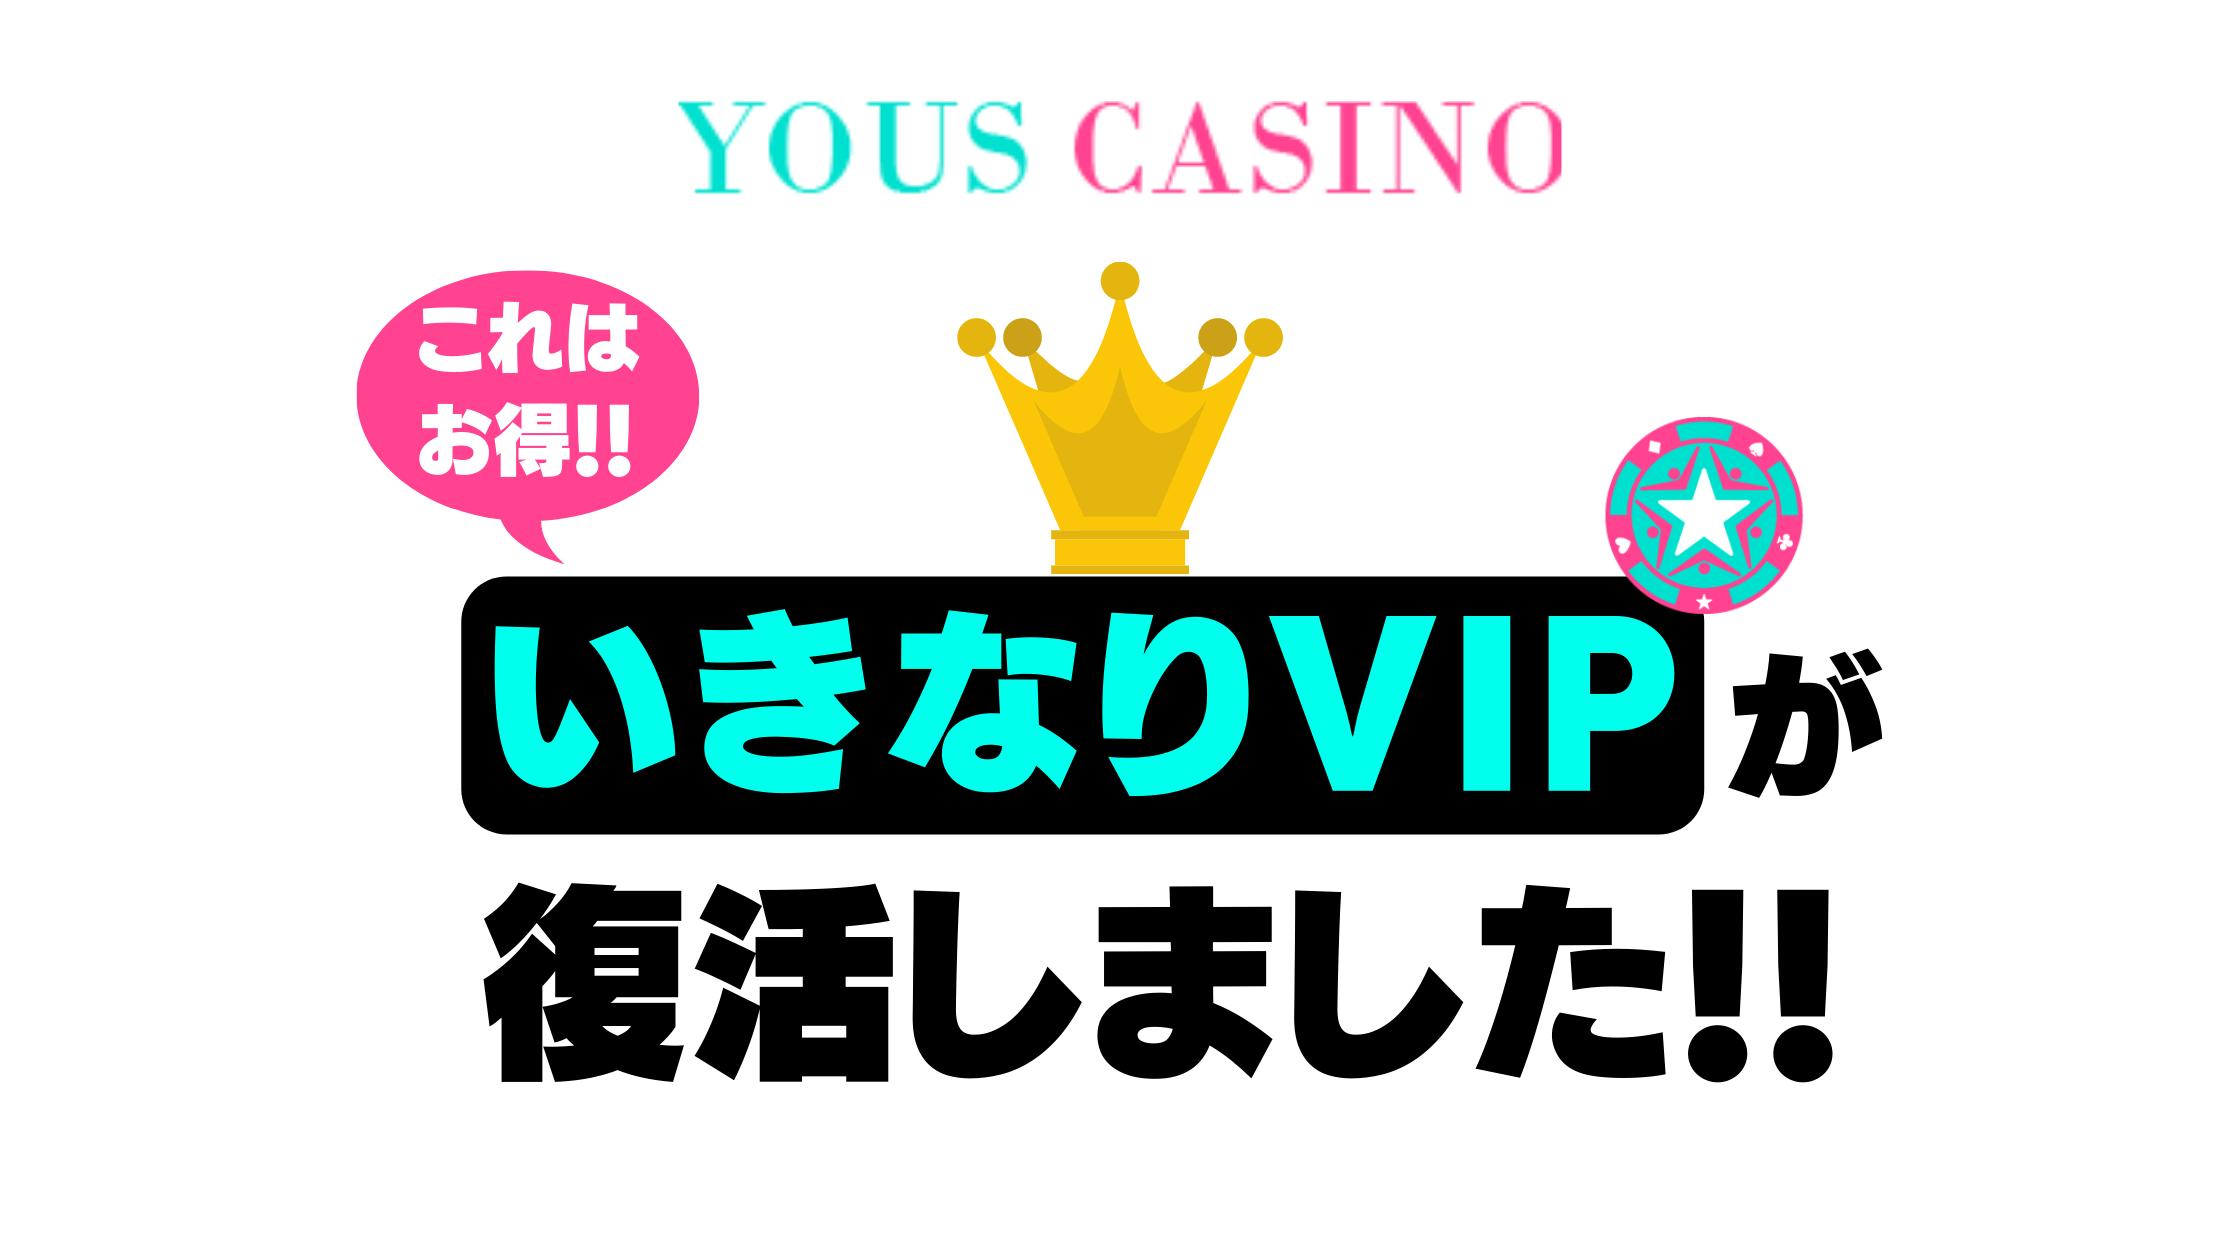 【ユースカジノ】初回入金いきなりVIPが復活!